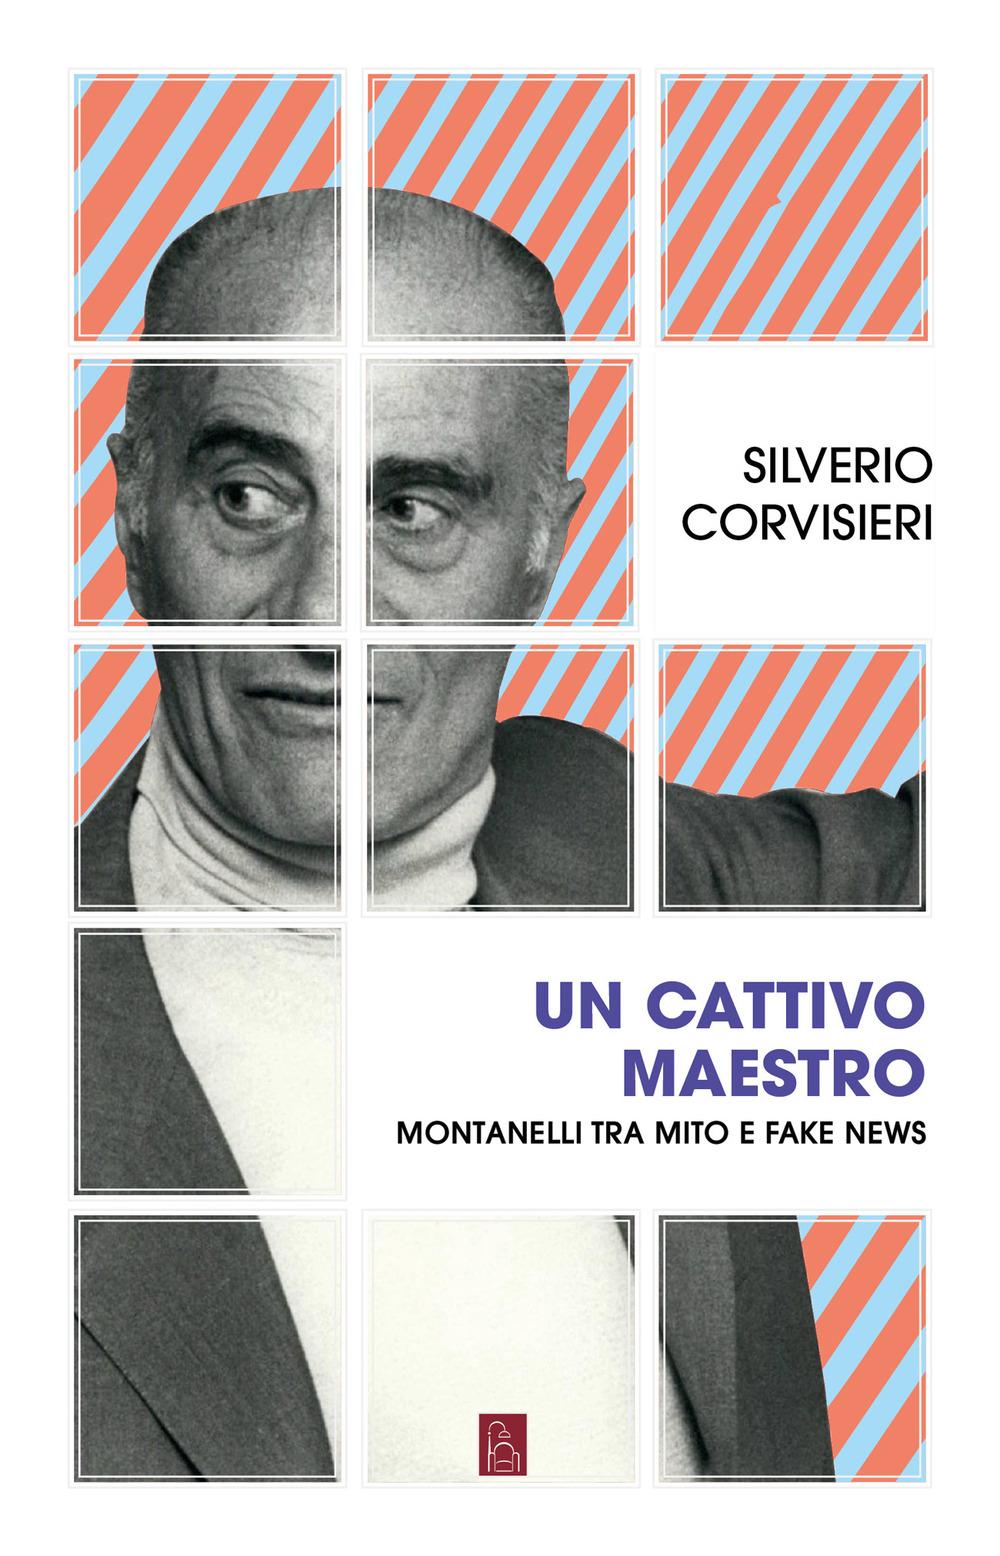 CATTIVO MAESTRO (UN)